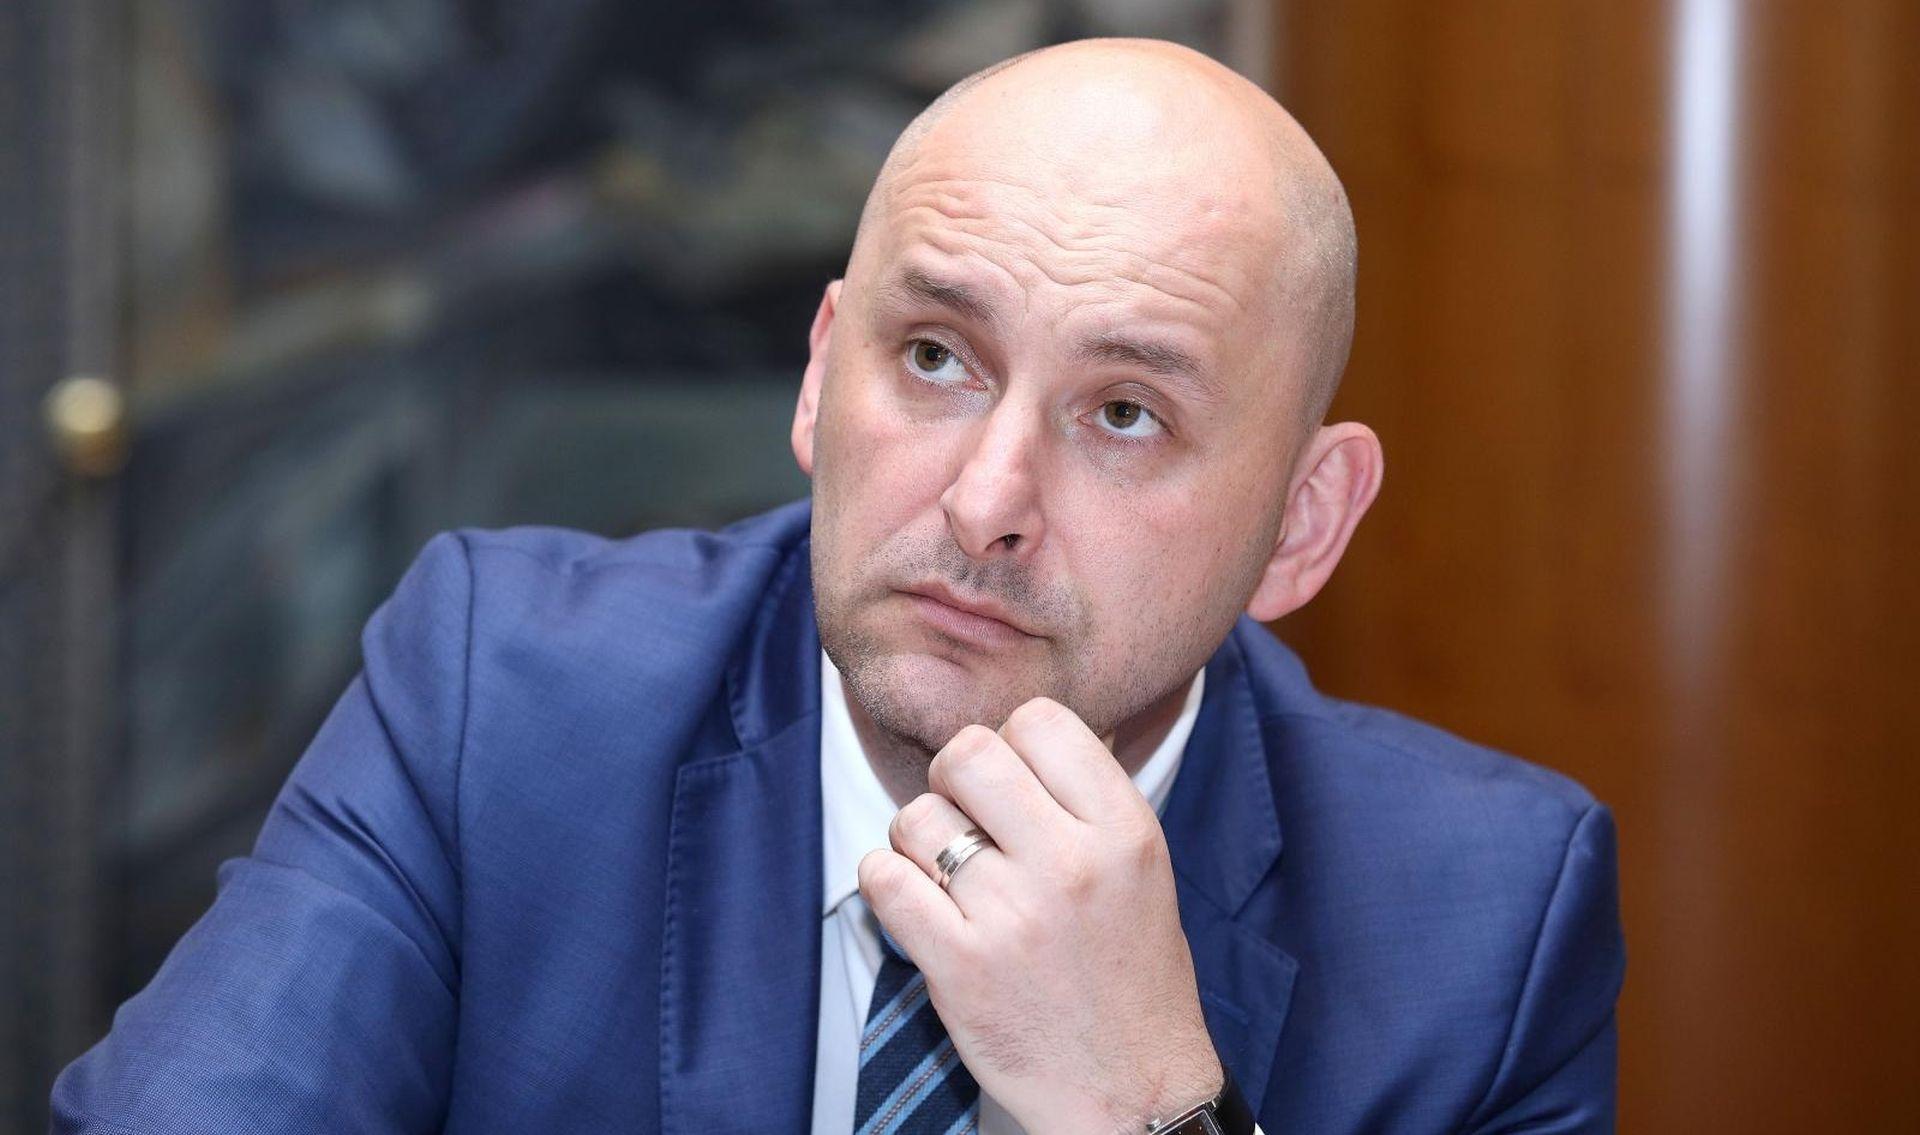 OTKRIVAMO Tolušićevi vozači u radnom odnosu, Curić s ugovorom o djelu – iznimka